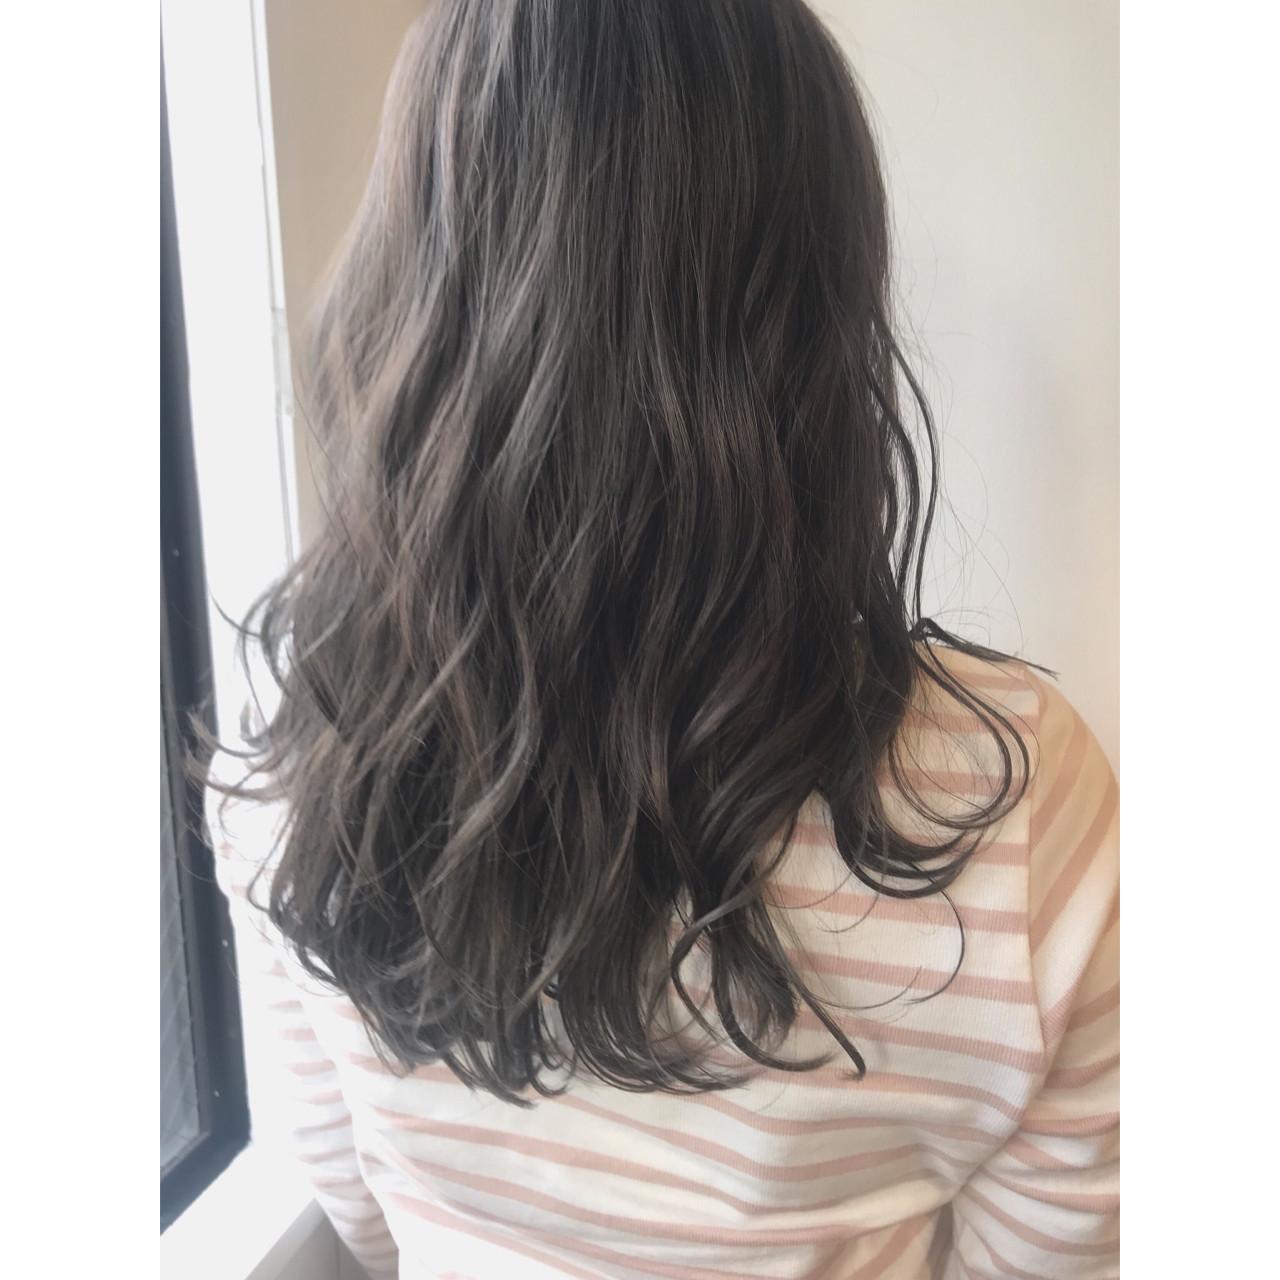 モード アッシュグレージュ アッシュ グレージュヘアスタイルや髪型の写真・画像